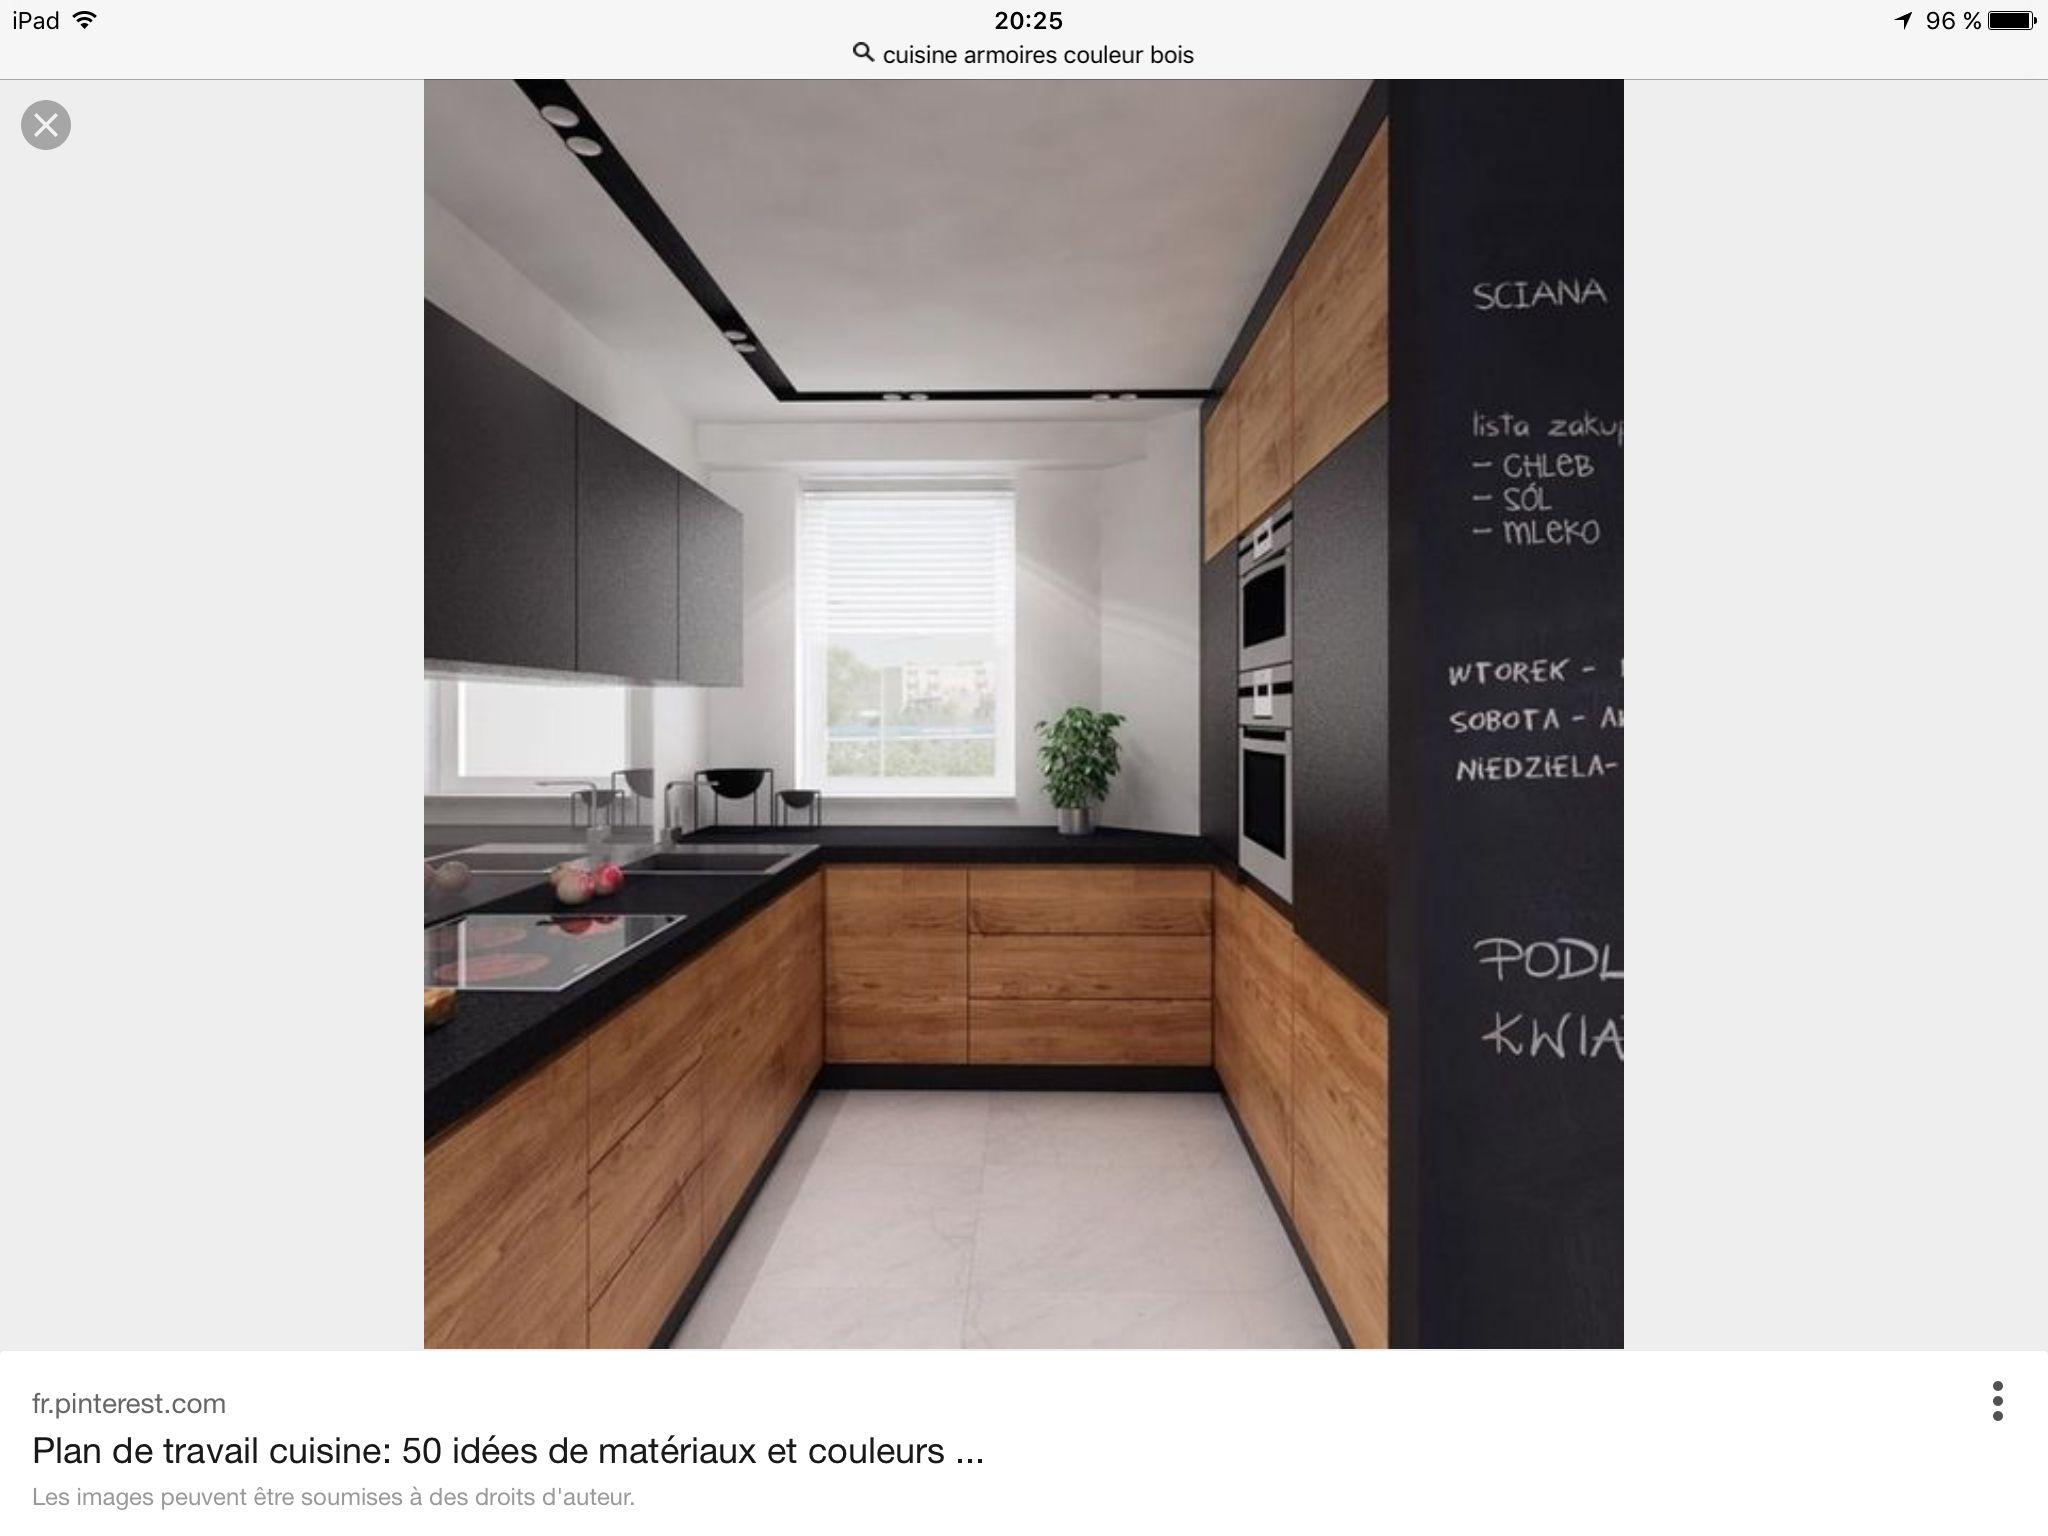 Cuisine laboratoire id e extension pinterest laboratoire cuisines et id e de cuisine - Idee plan de travail cuisine ...